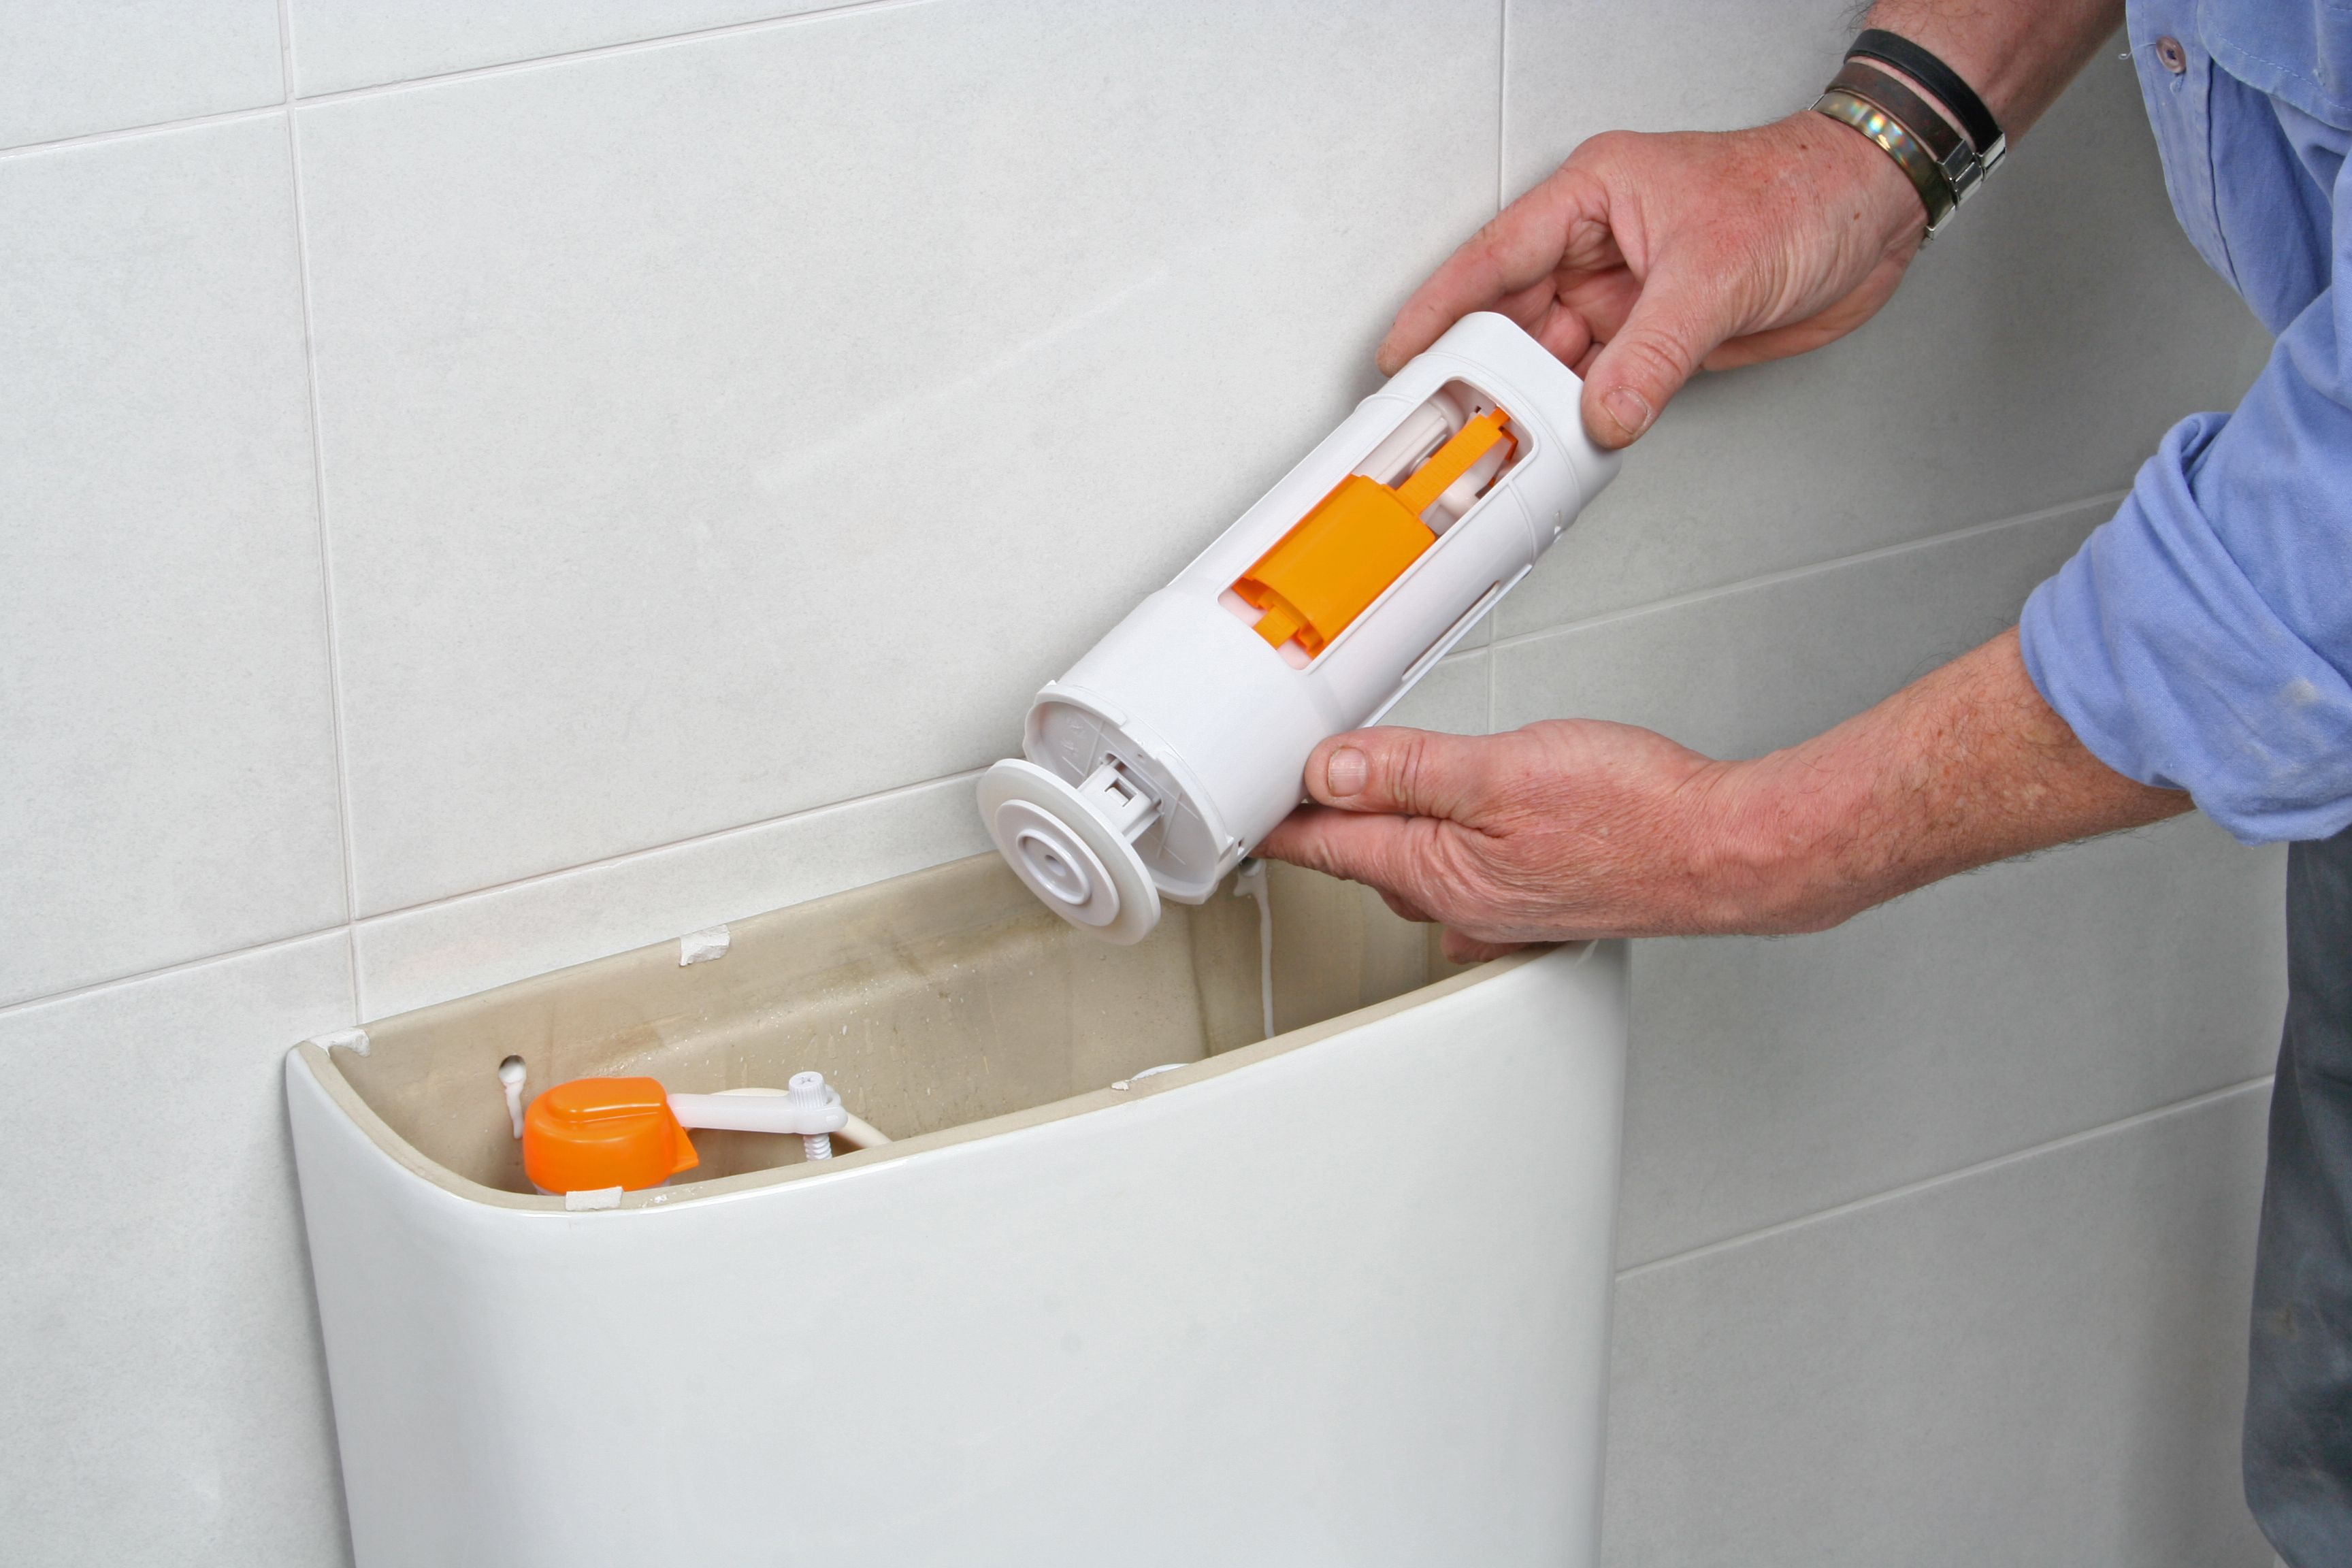 Comment remplacer le joint d'une chasse d'eau